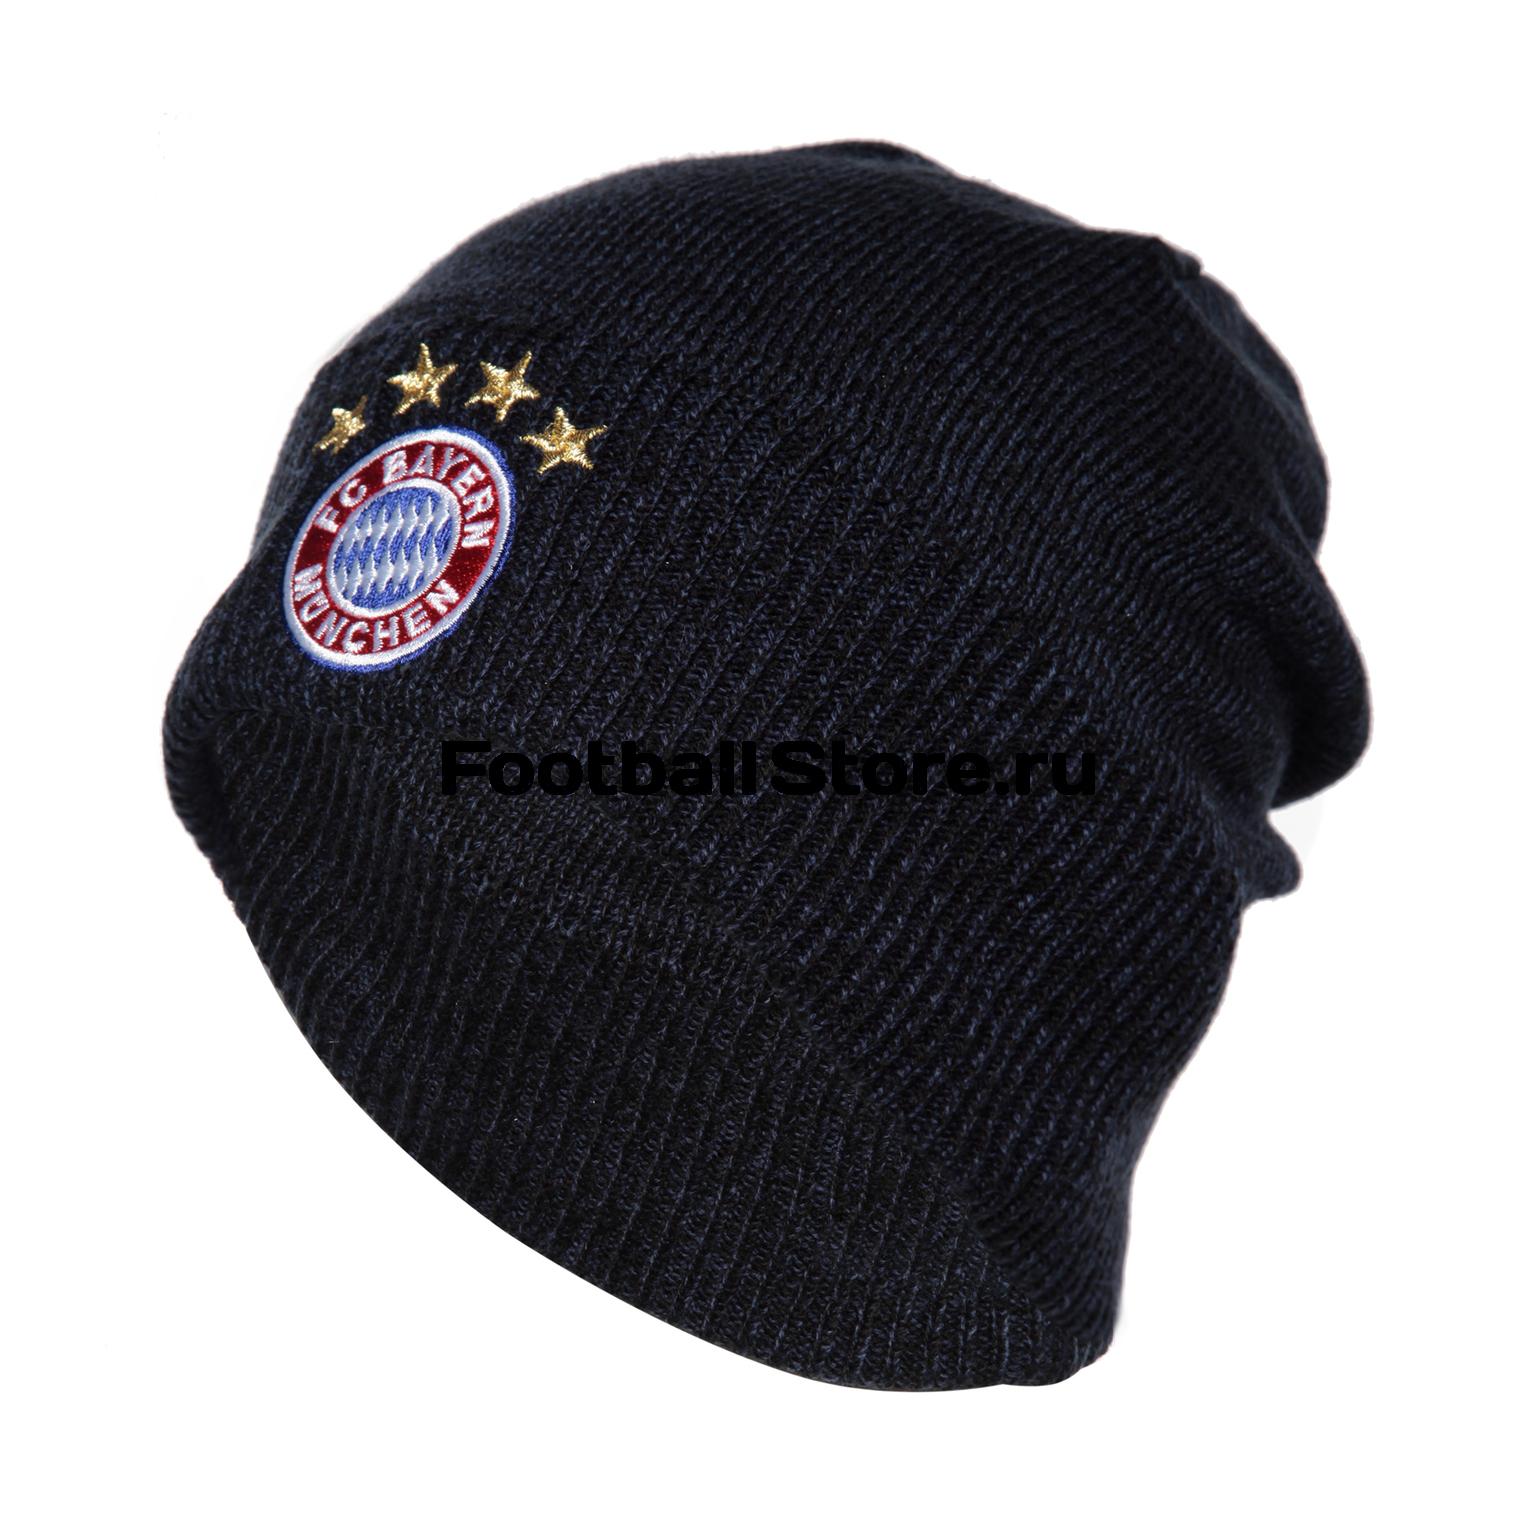 Bayern Adidas Шапка Adidas Bayern Beanie BR7067 шапка спортивная adidas fm beanie m30735